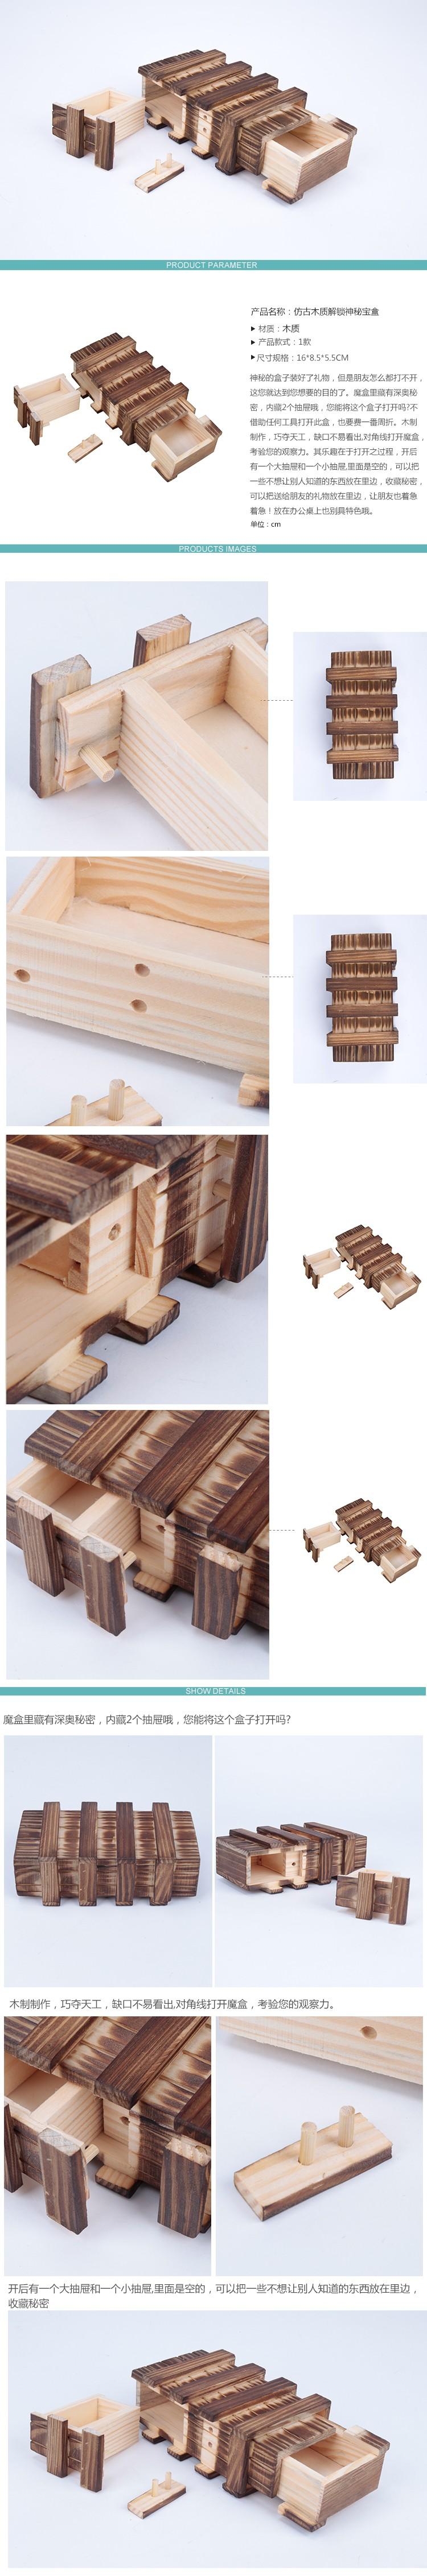 易生活宠爱女人仿古木质解锁神秘宝盒ysh-8435